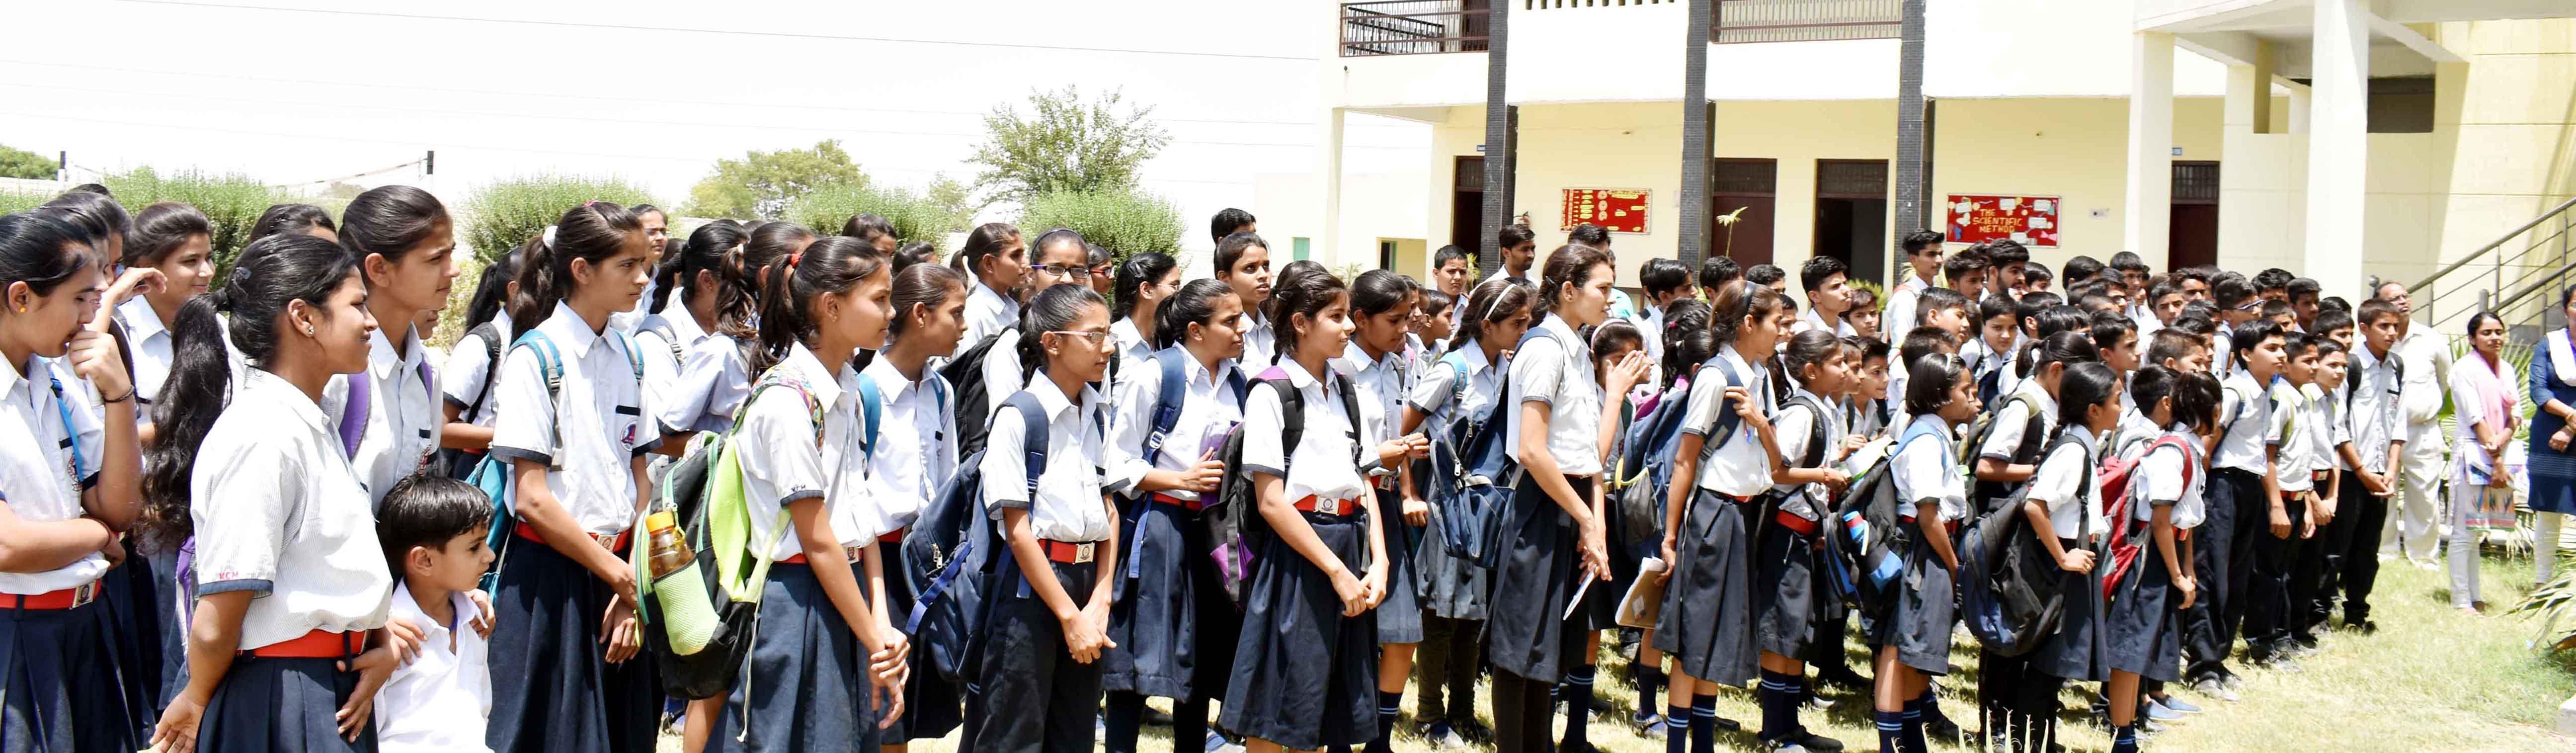 School Building & Campus – KCM Army Sr Sec School